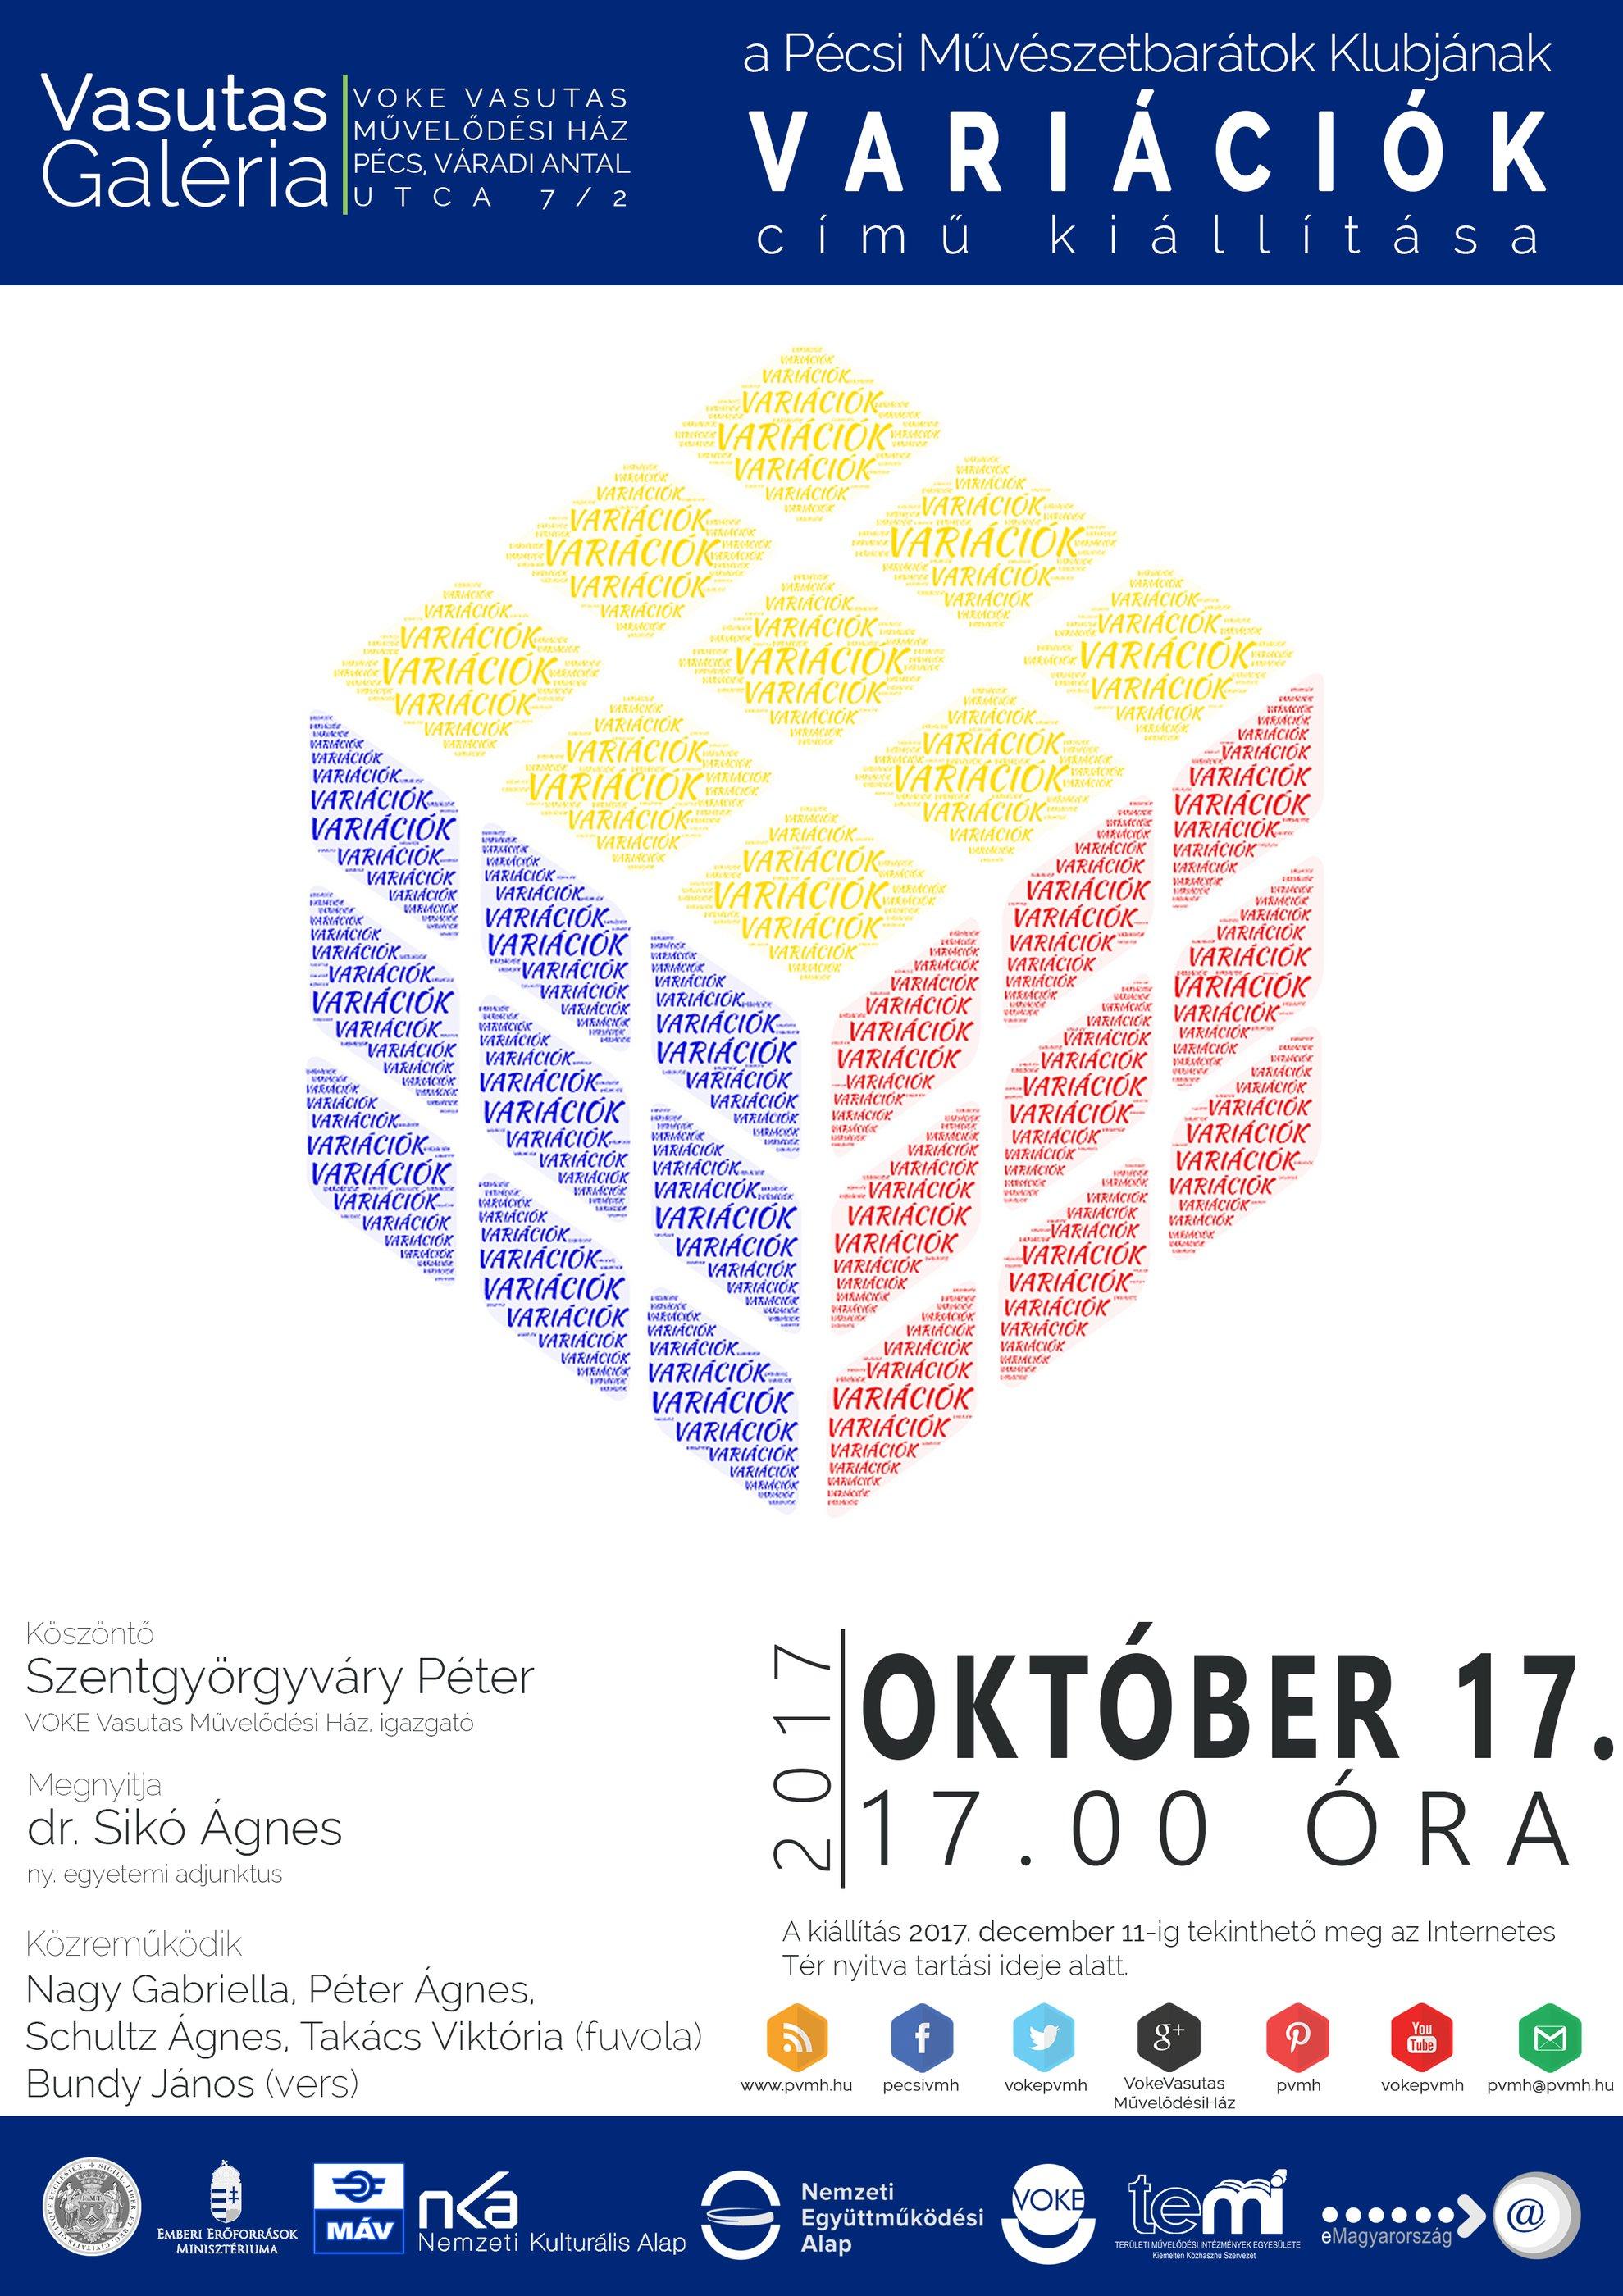 A Pécsi Művészetbarátok Klubjának Variációk című kiállítása